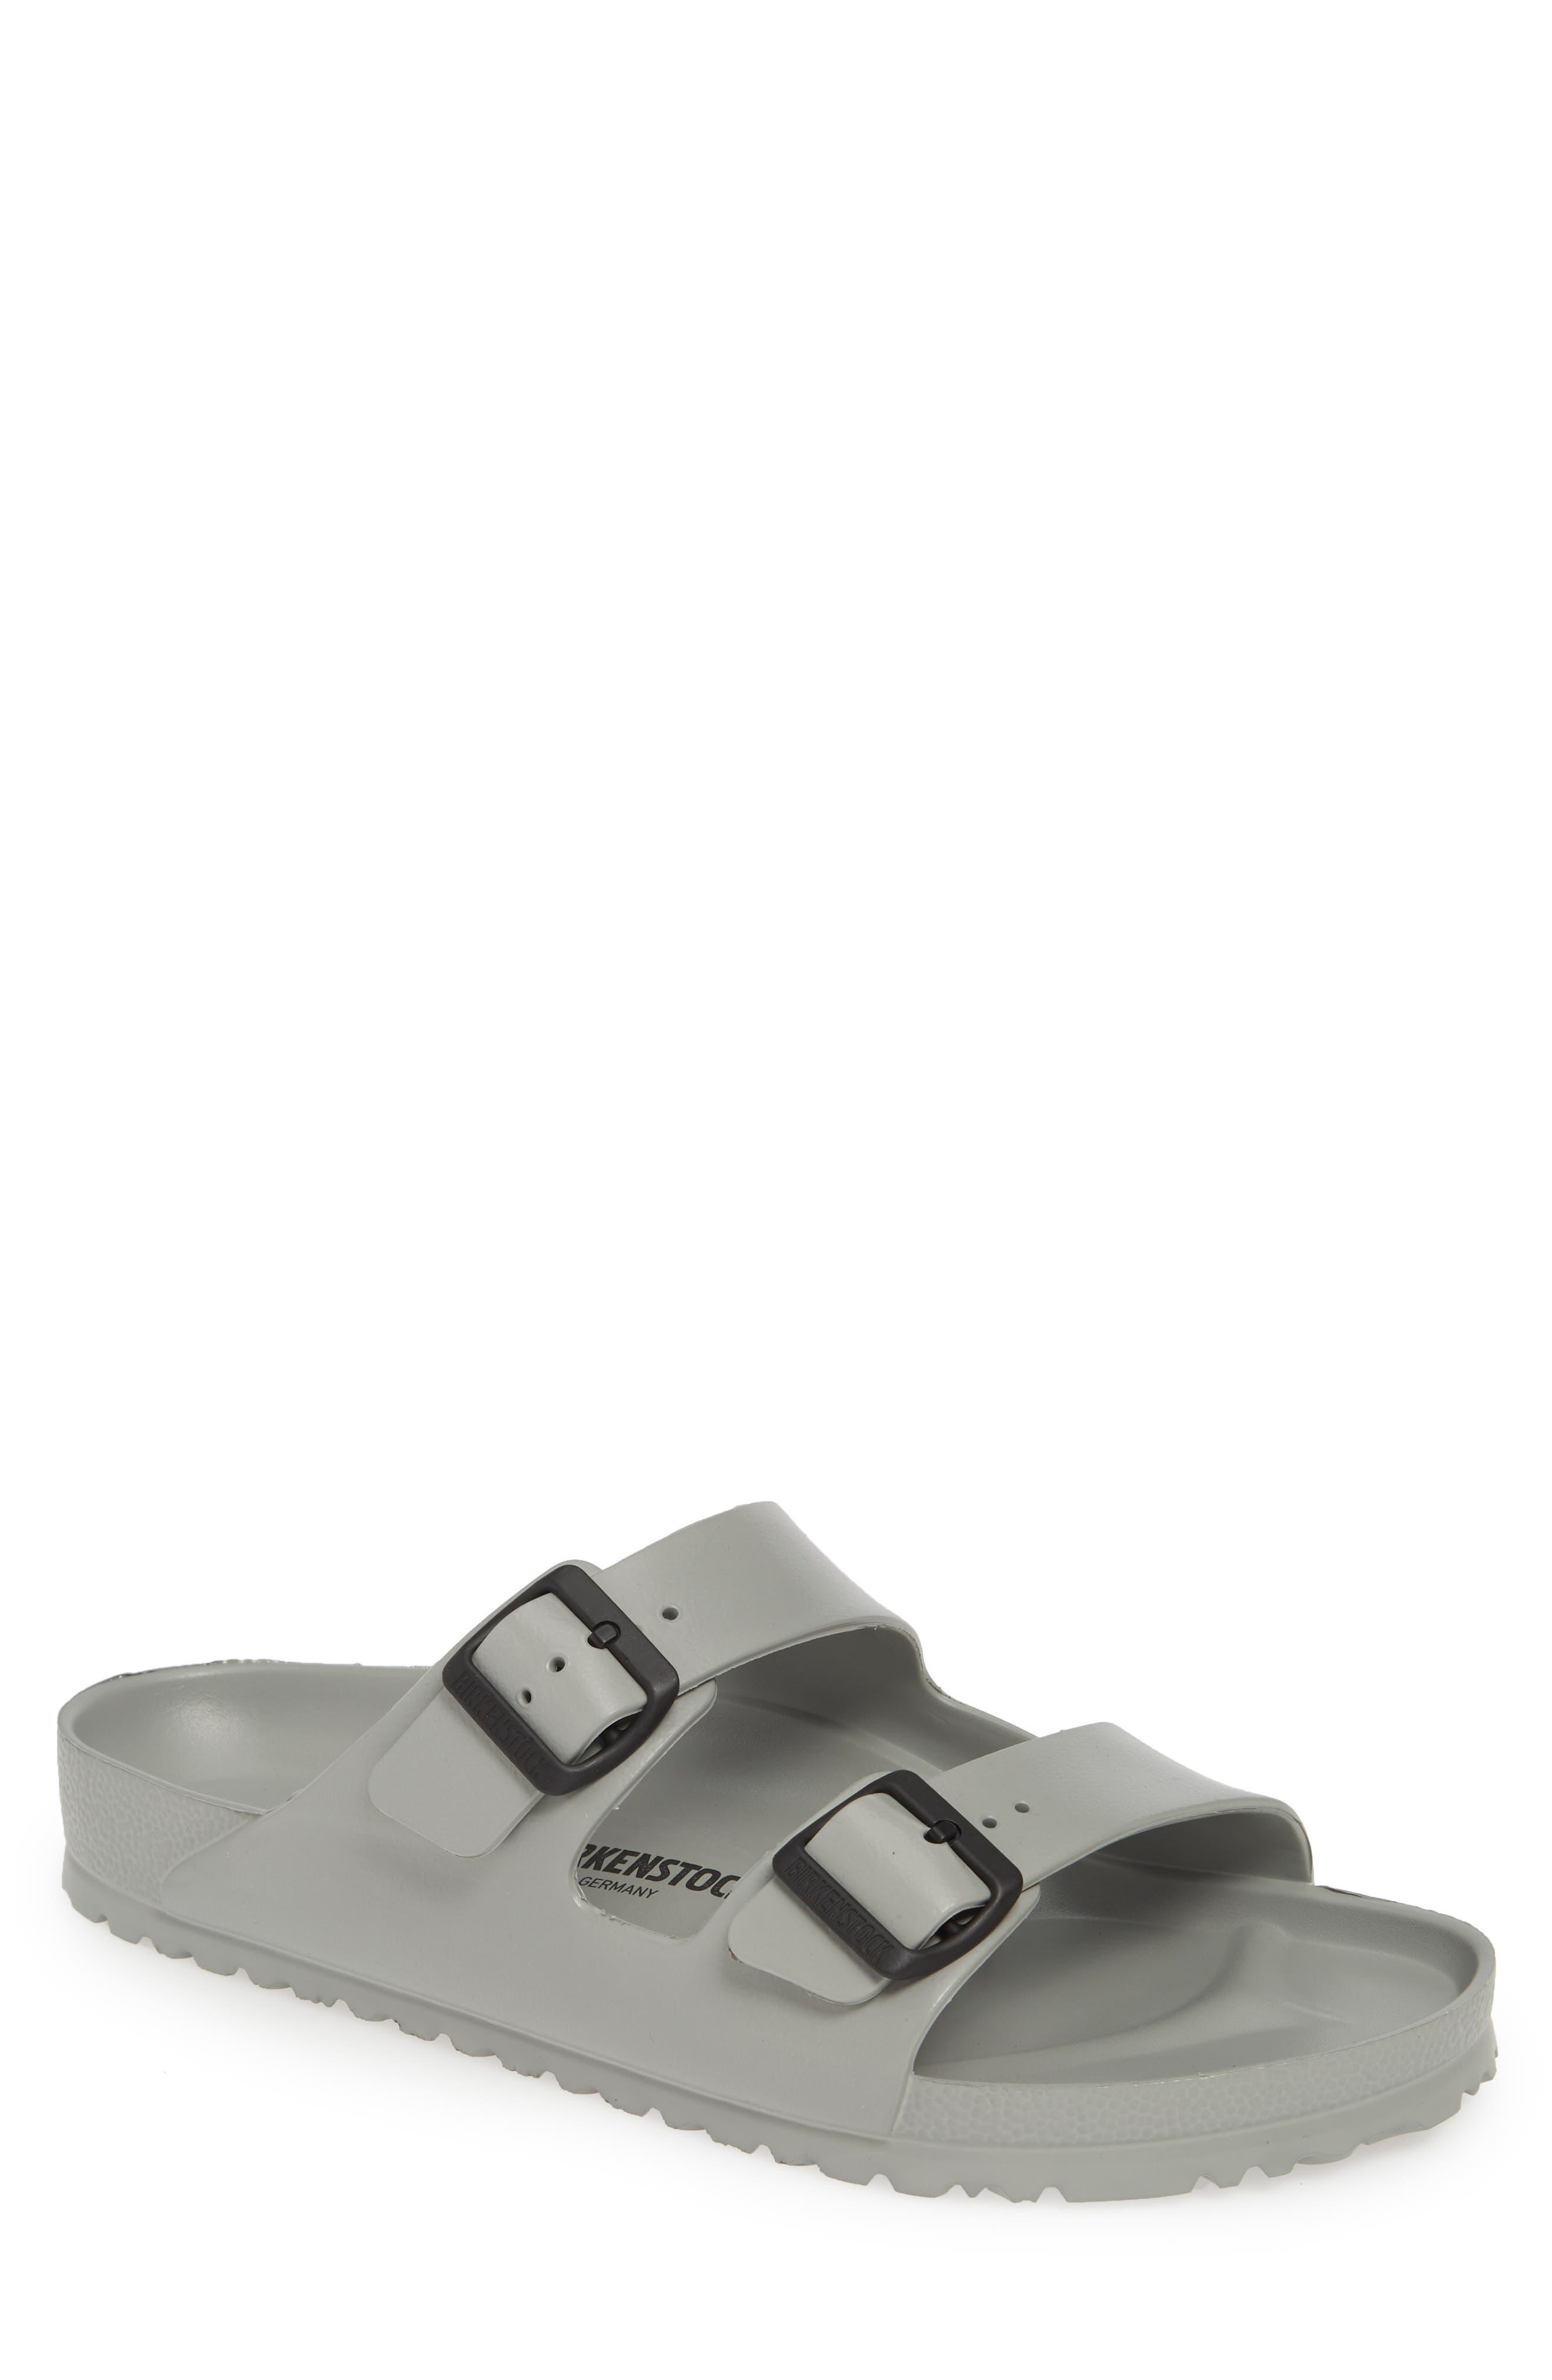 Birkenstock Essentials Arizona Eva Waterproof Slide Sandal,10.5 - Grey